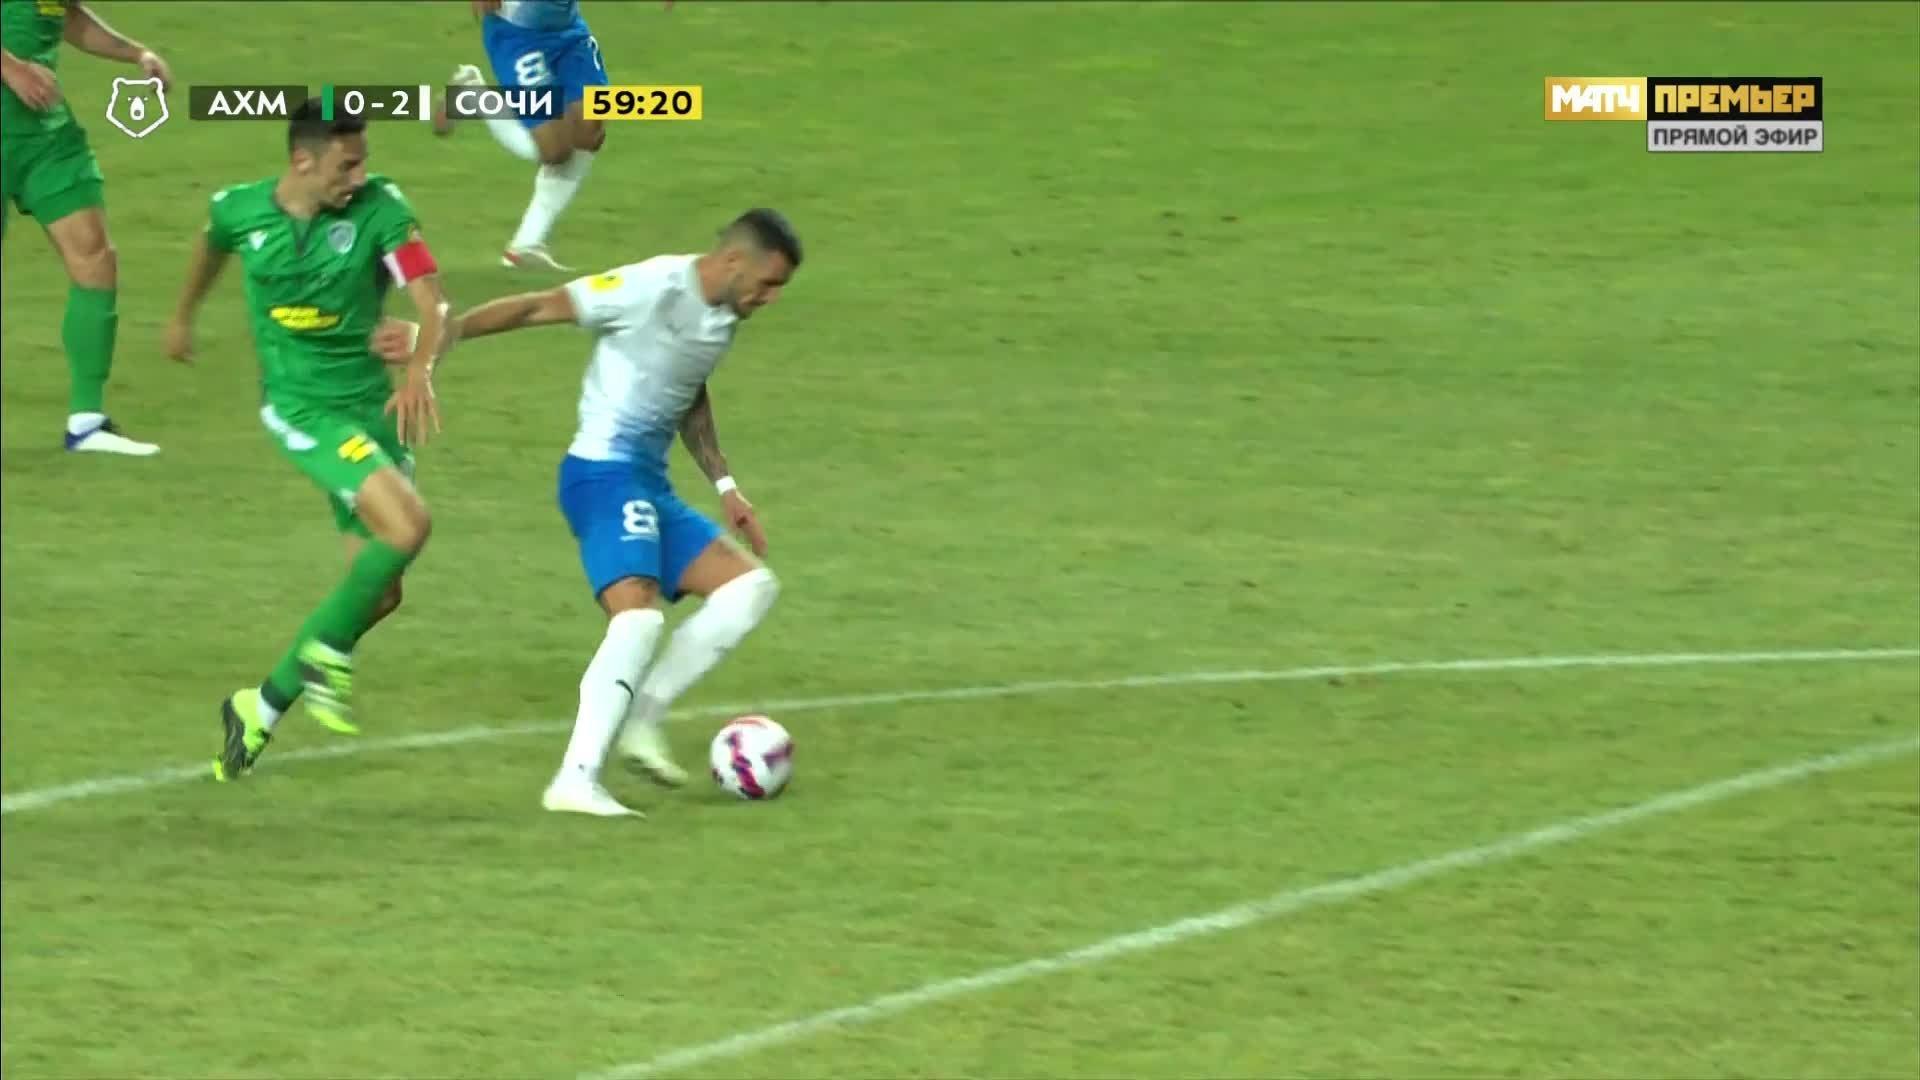 Ахмат - Сочи. 0:2. Марко Дуганджич